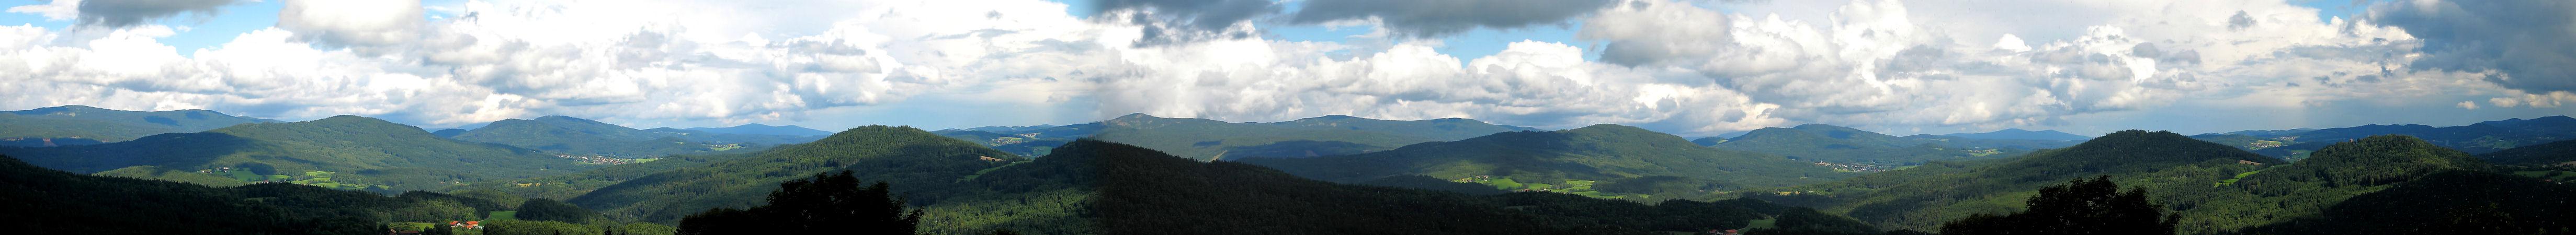 panorama_bayerischerwald_050807_web